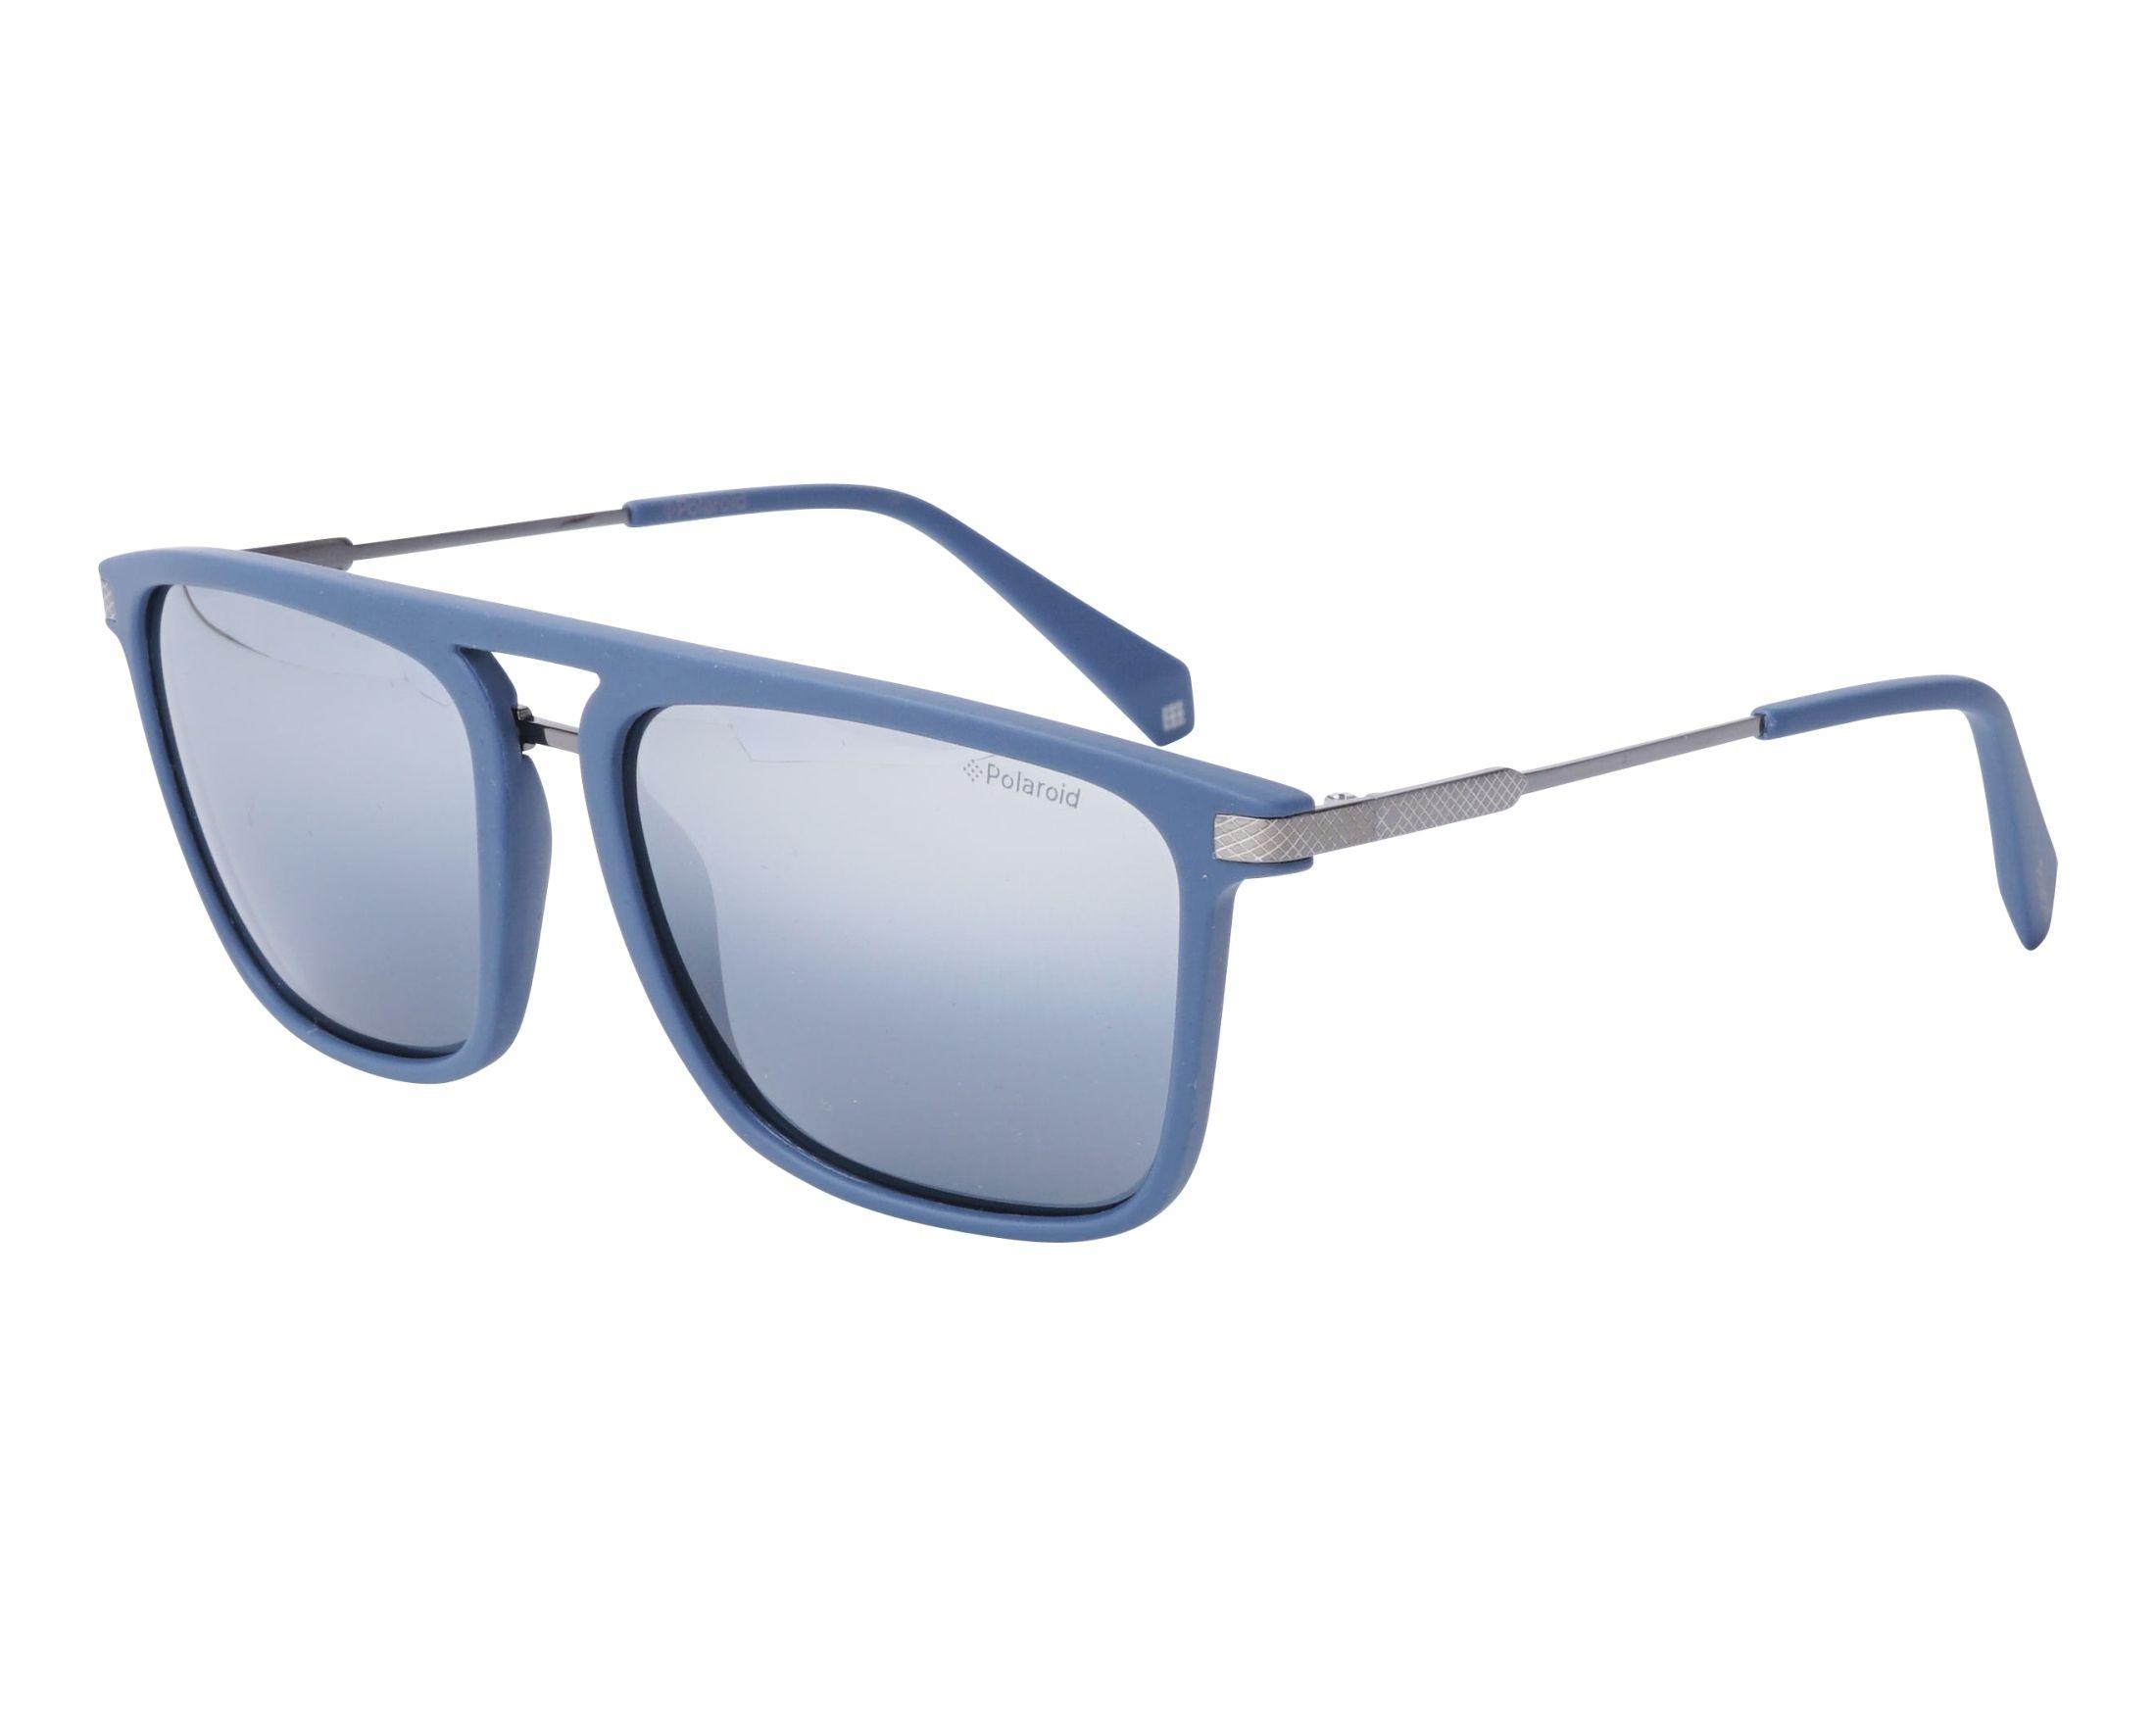 d858d06dc24 Details about NEW Polaroid PLD2060 FLL 1A Matte Blue   Silver Gradient  Sunglasses